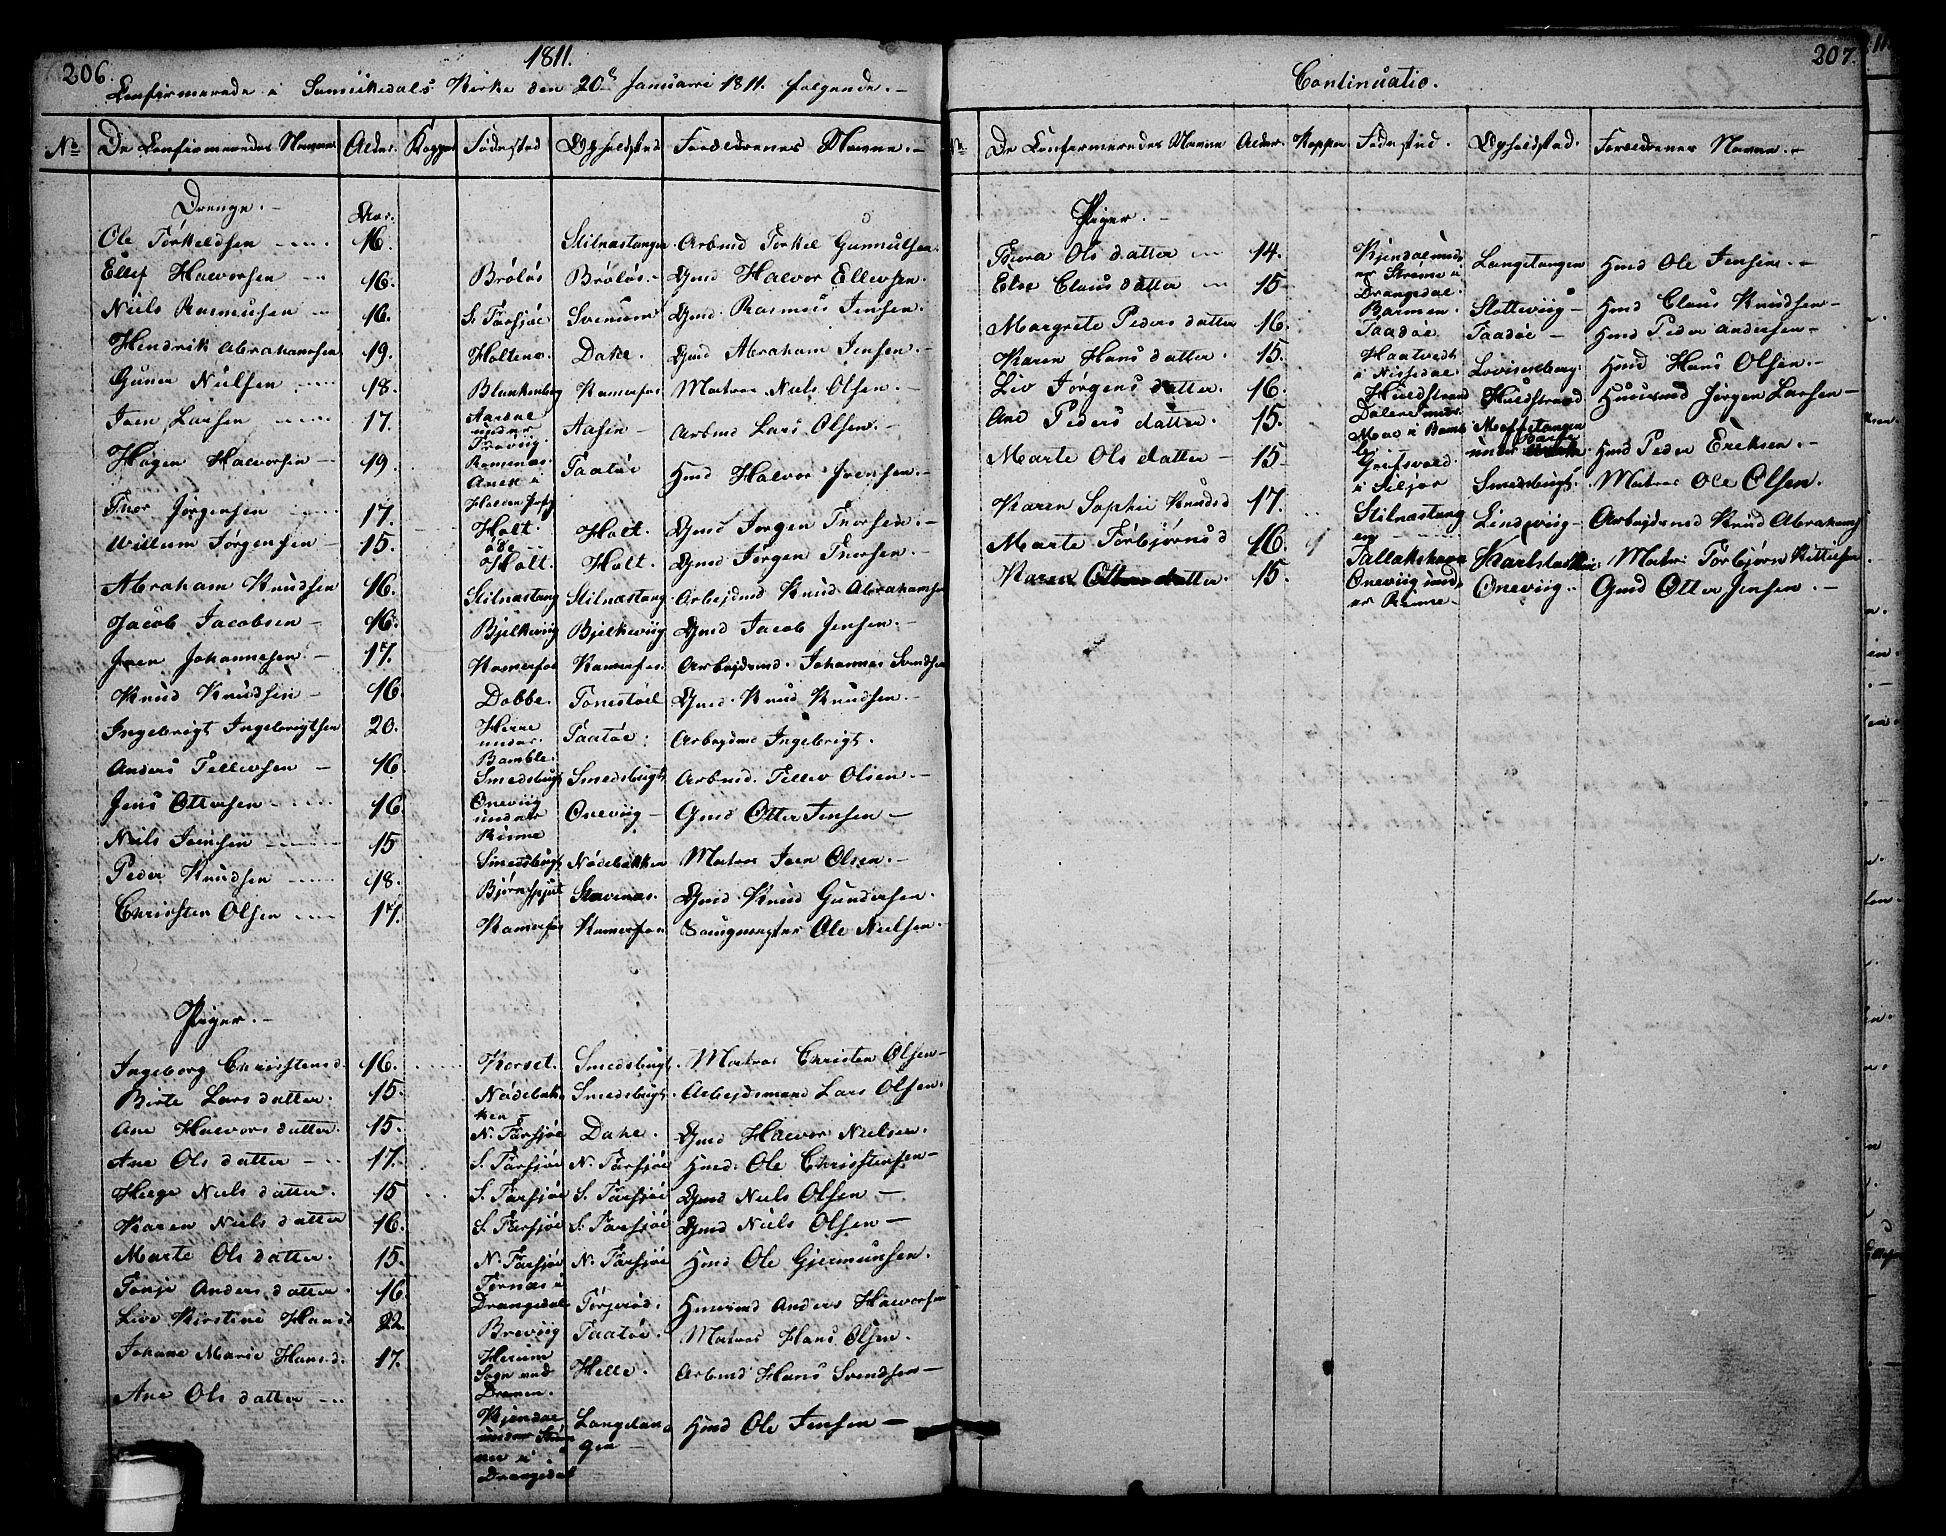 SAKO, Sannidal kirkebøker, F/Fa/L0003: Ministerialbok nr. 3, 1803-1813, s. 206-207